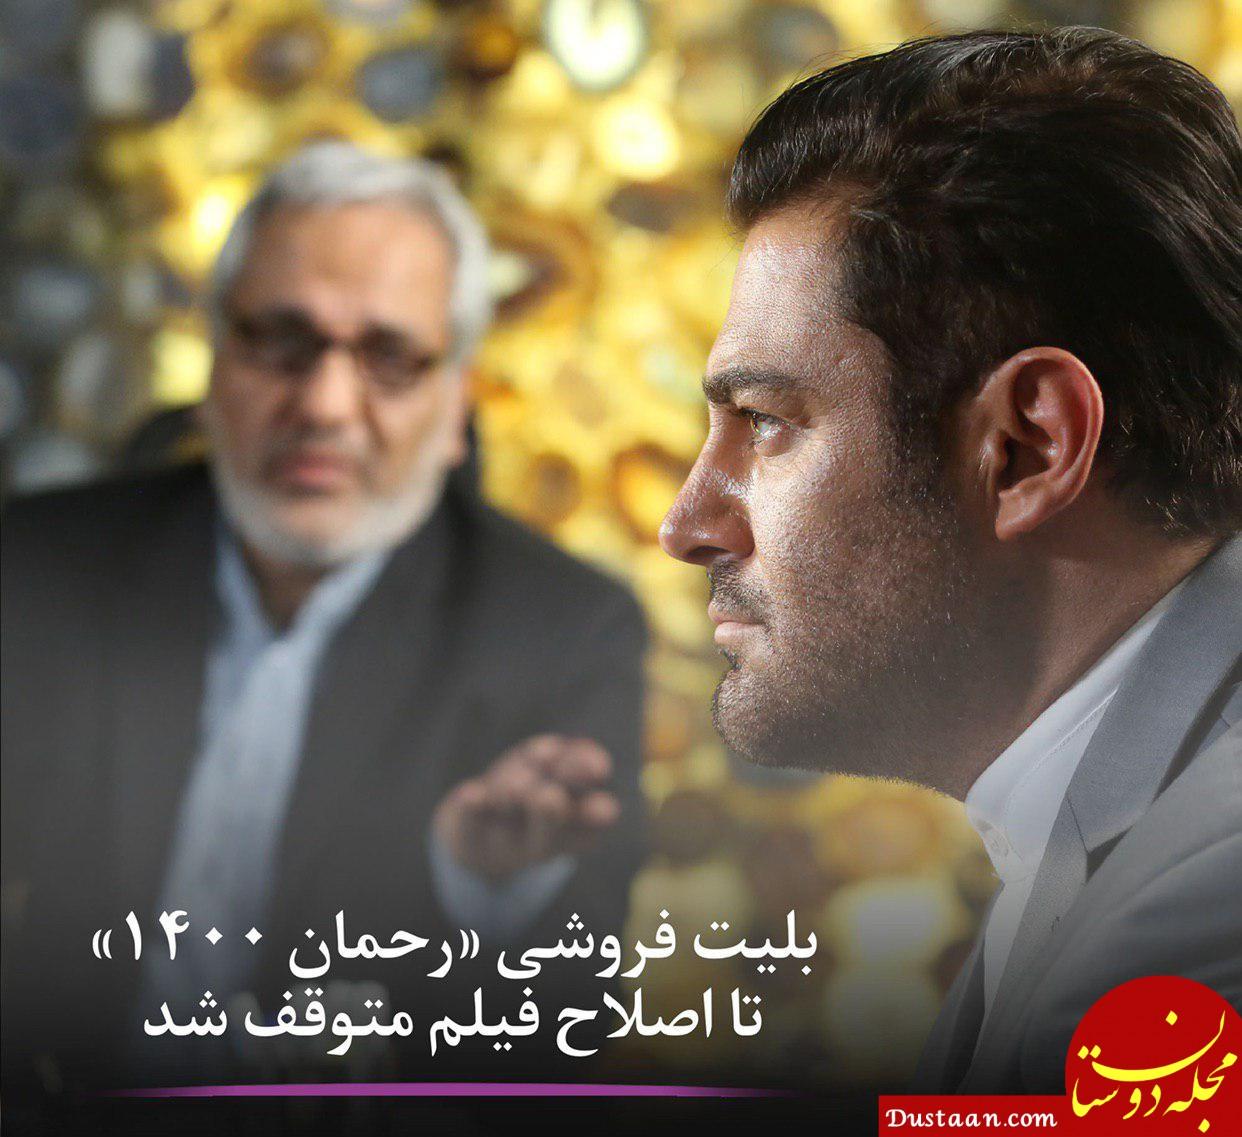 www.dustaan.com بلیت فروشی «رحمان ۱۴۰۰» تا اصلاح فیلم متوقف شد